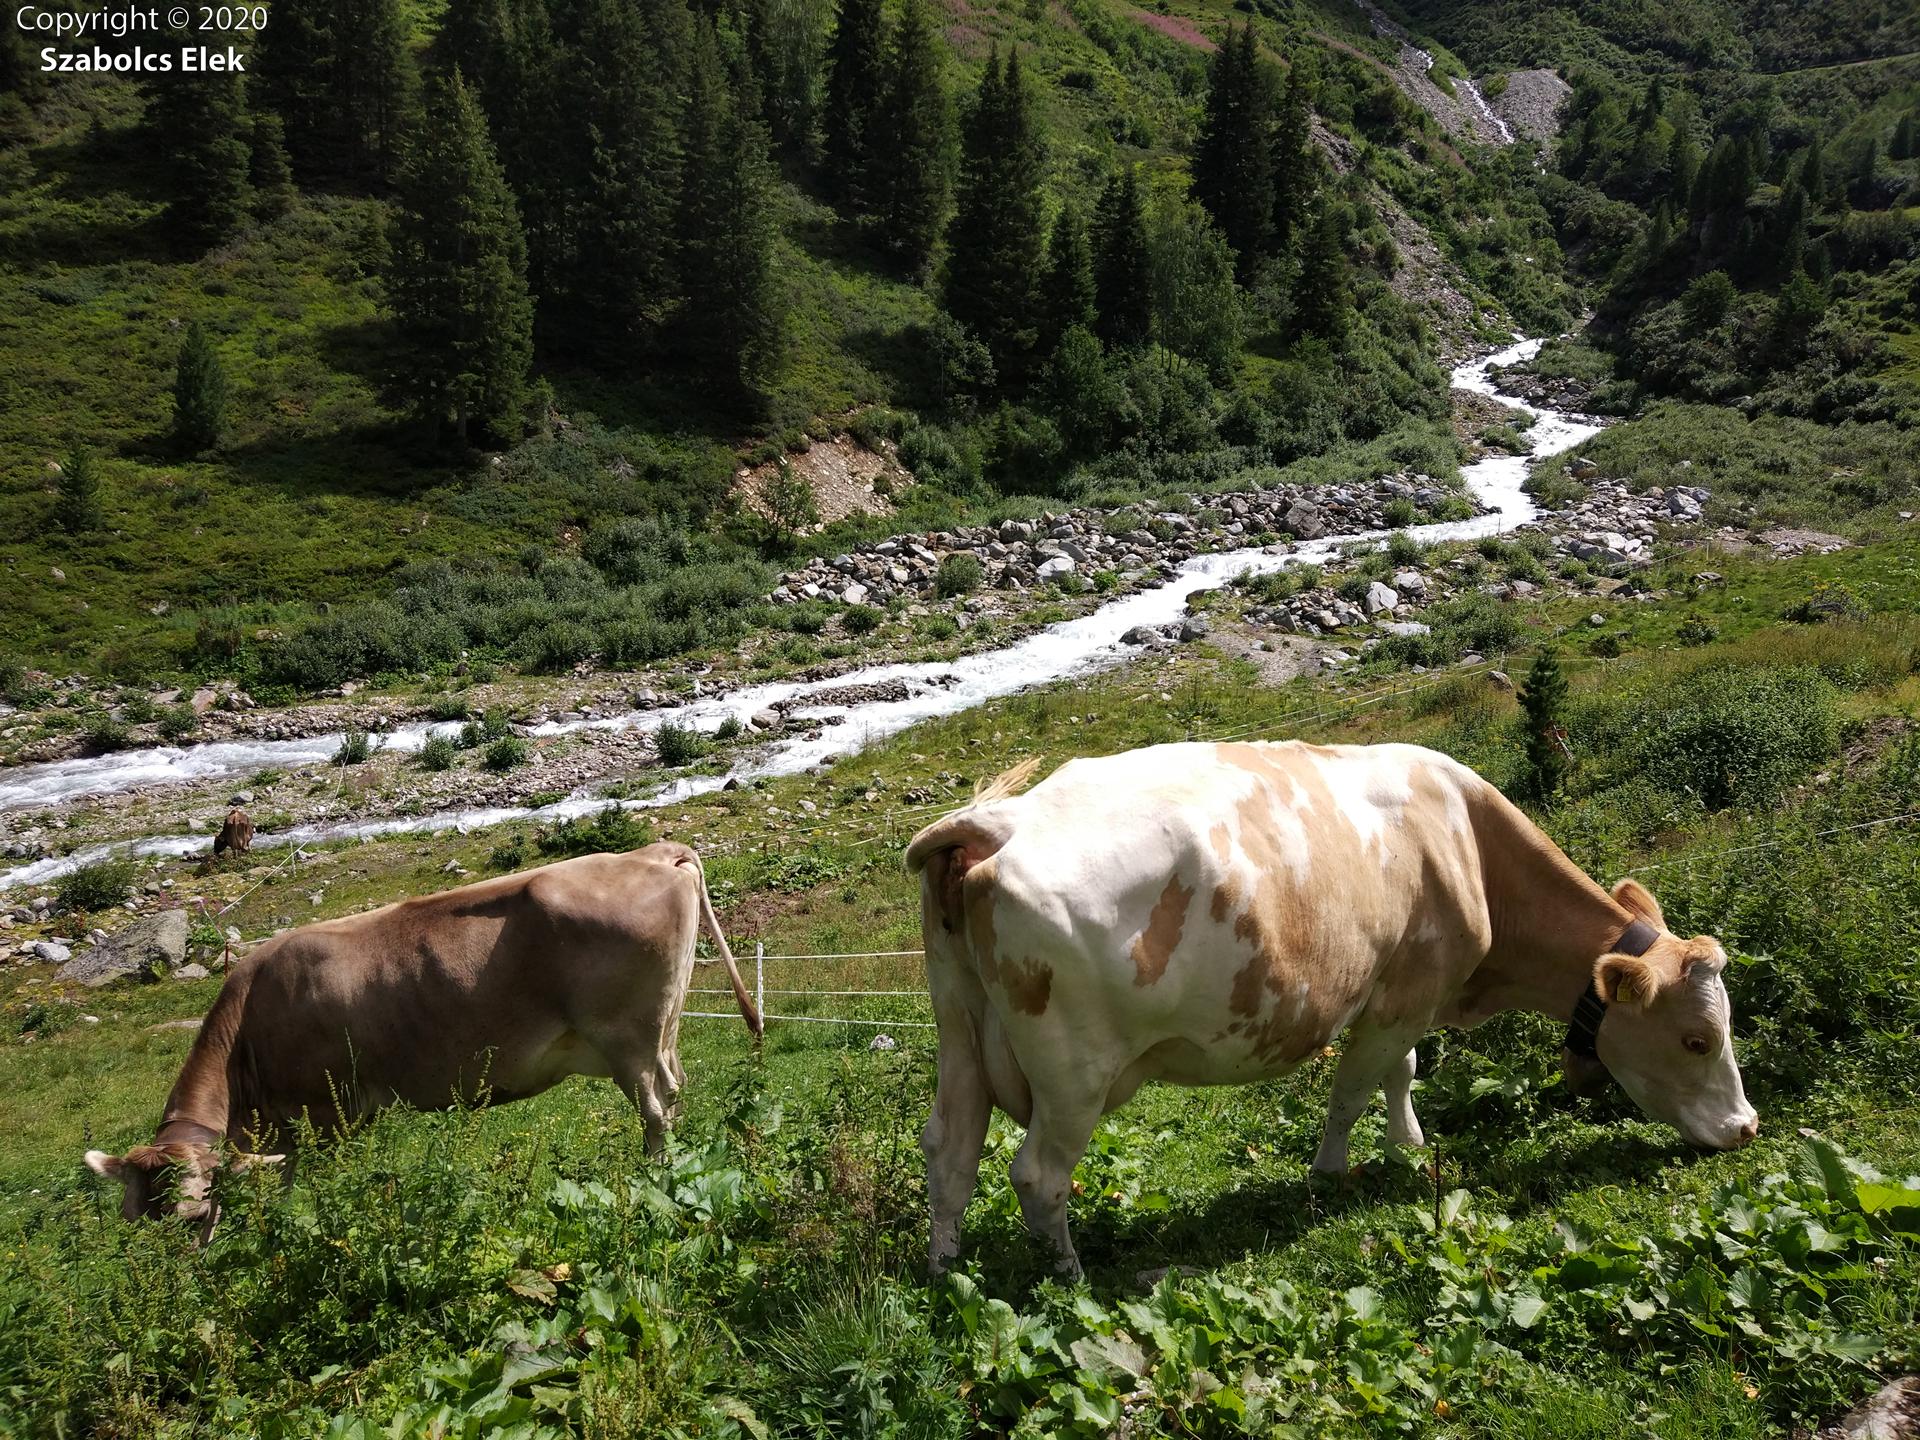 Alpesi tehenek